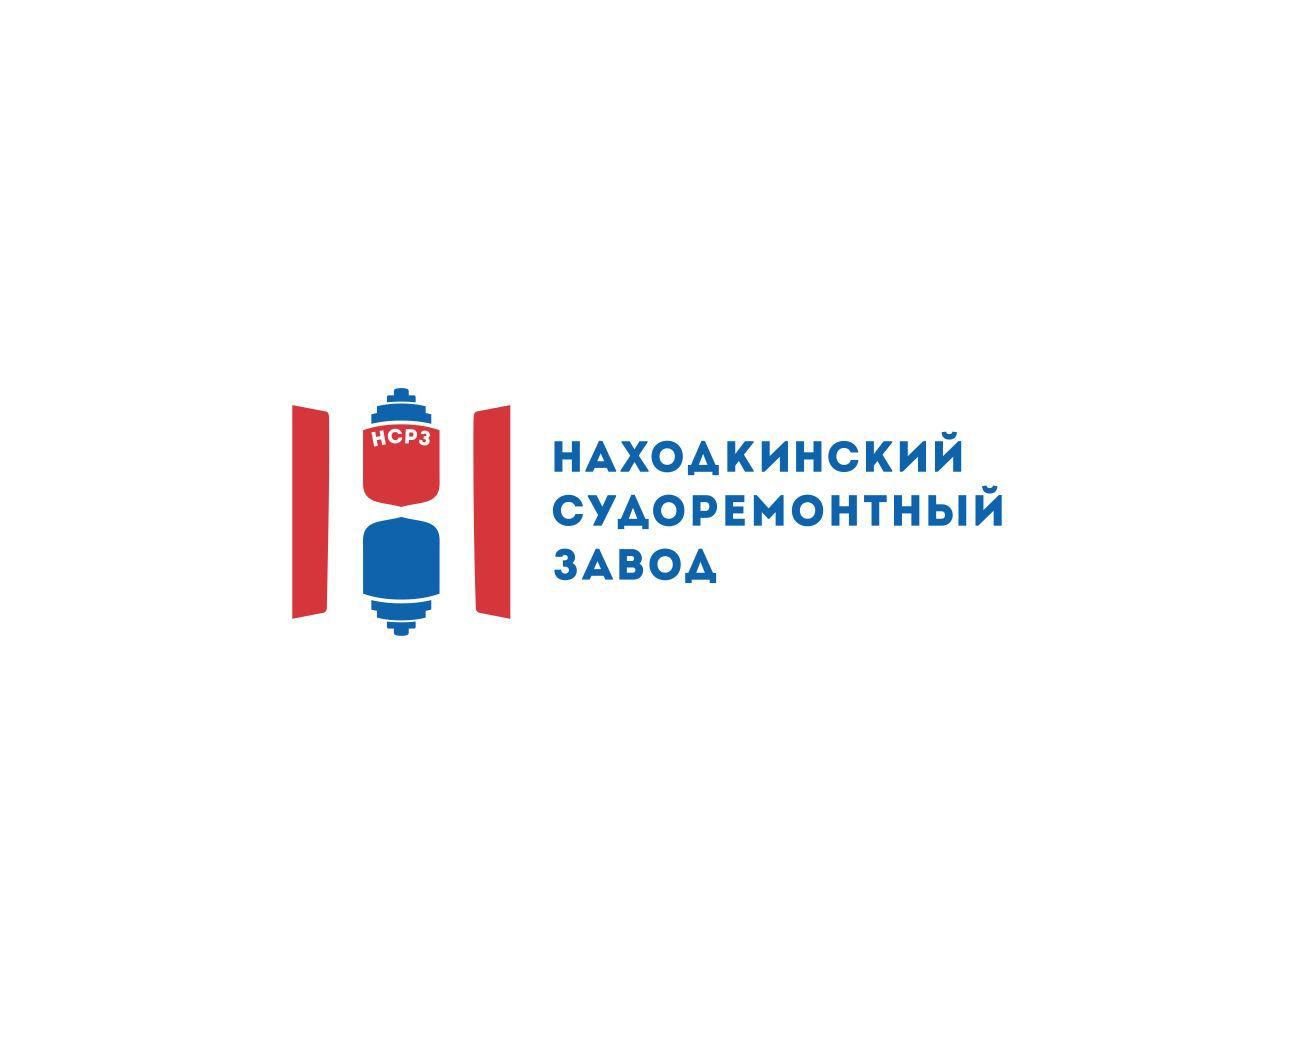 Лого и фирменный стиль для НСРЗ - дизайнер zickfreed